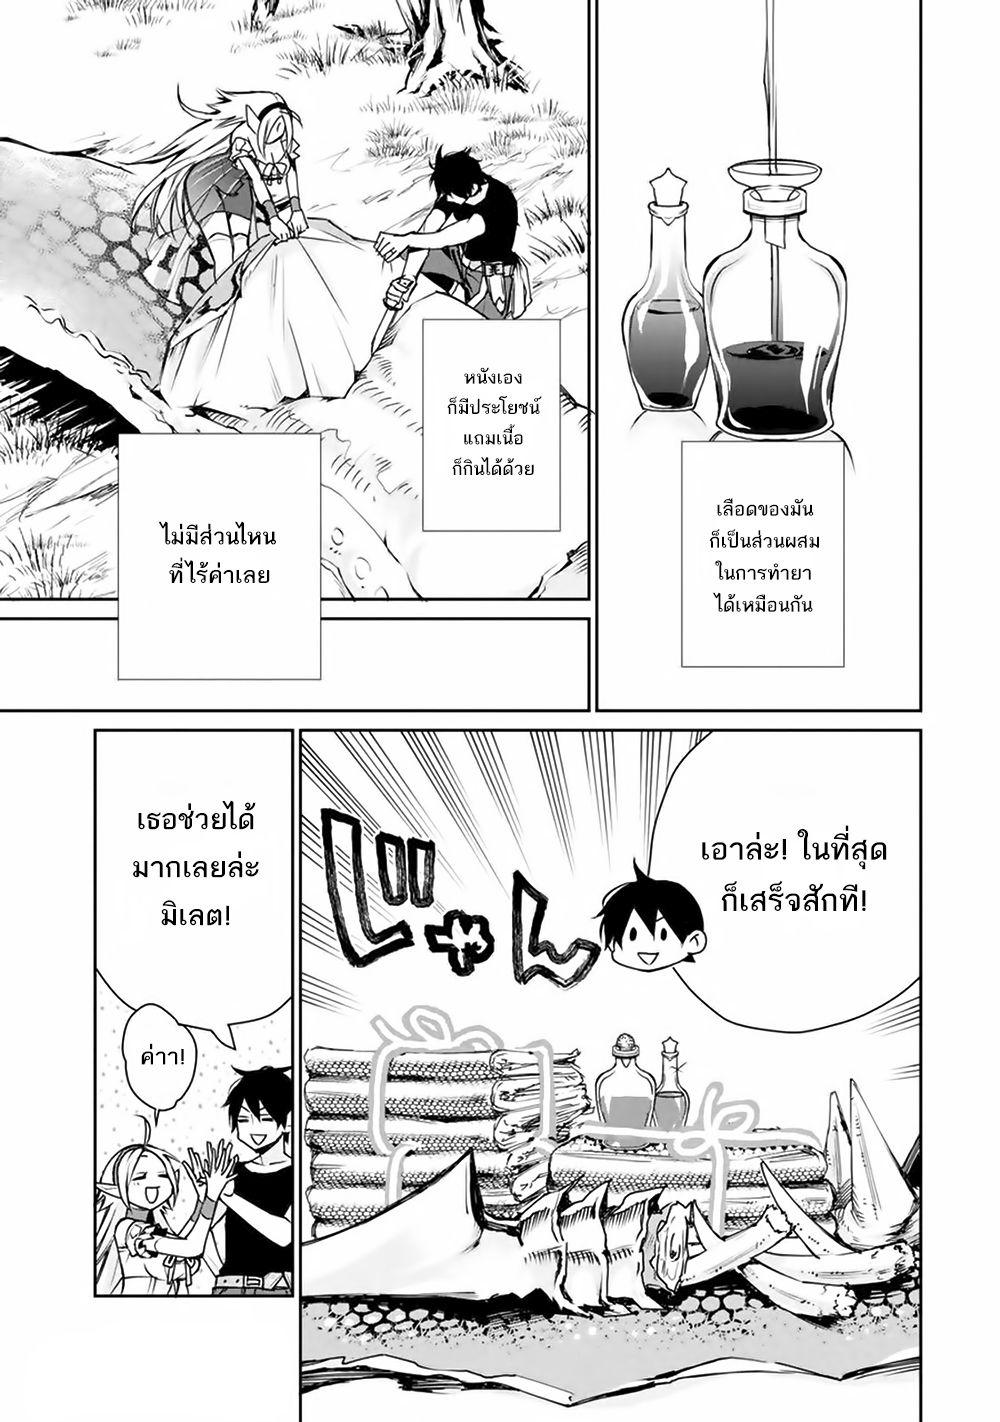 อ่านการ์ตูน Saikyo no mado-shi. Hiza ni ya o ukete shimattanode inaka no eihei ni naru ตอนที่ 1.3 หน้าที่ 11